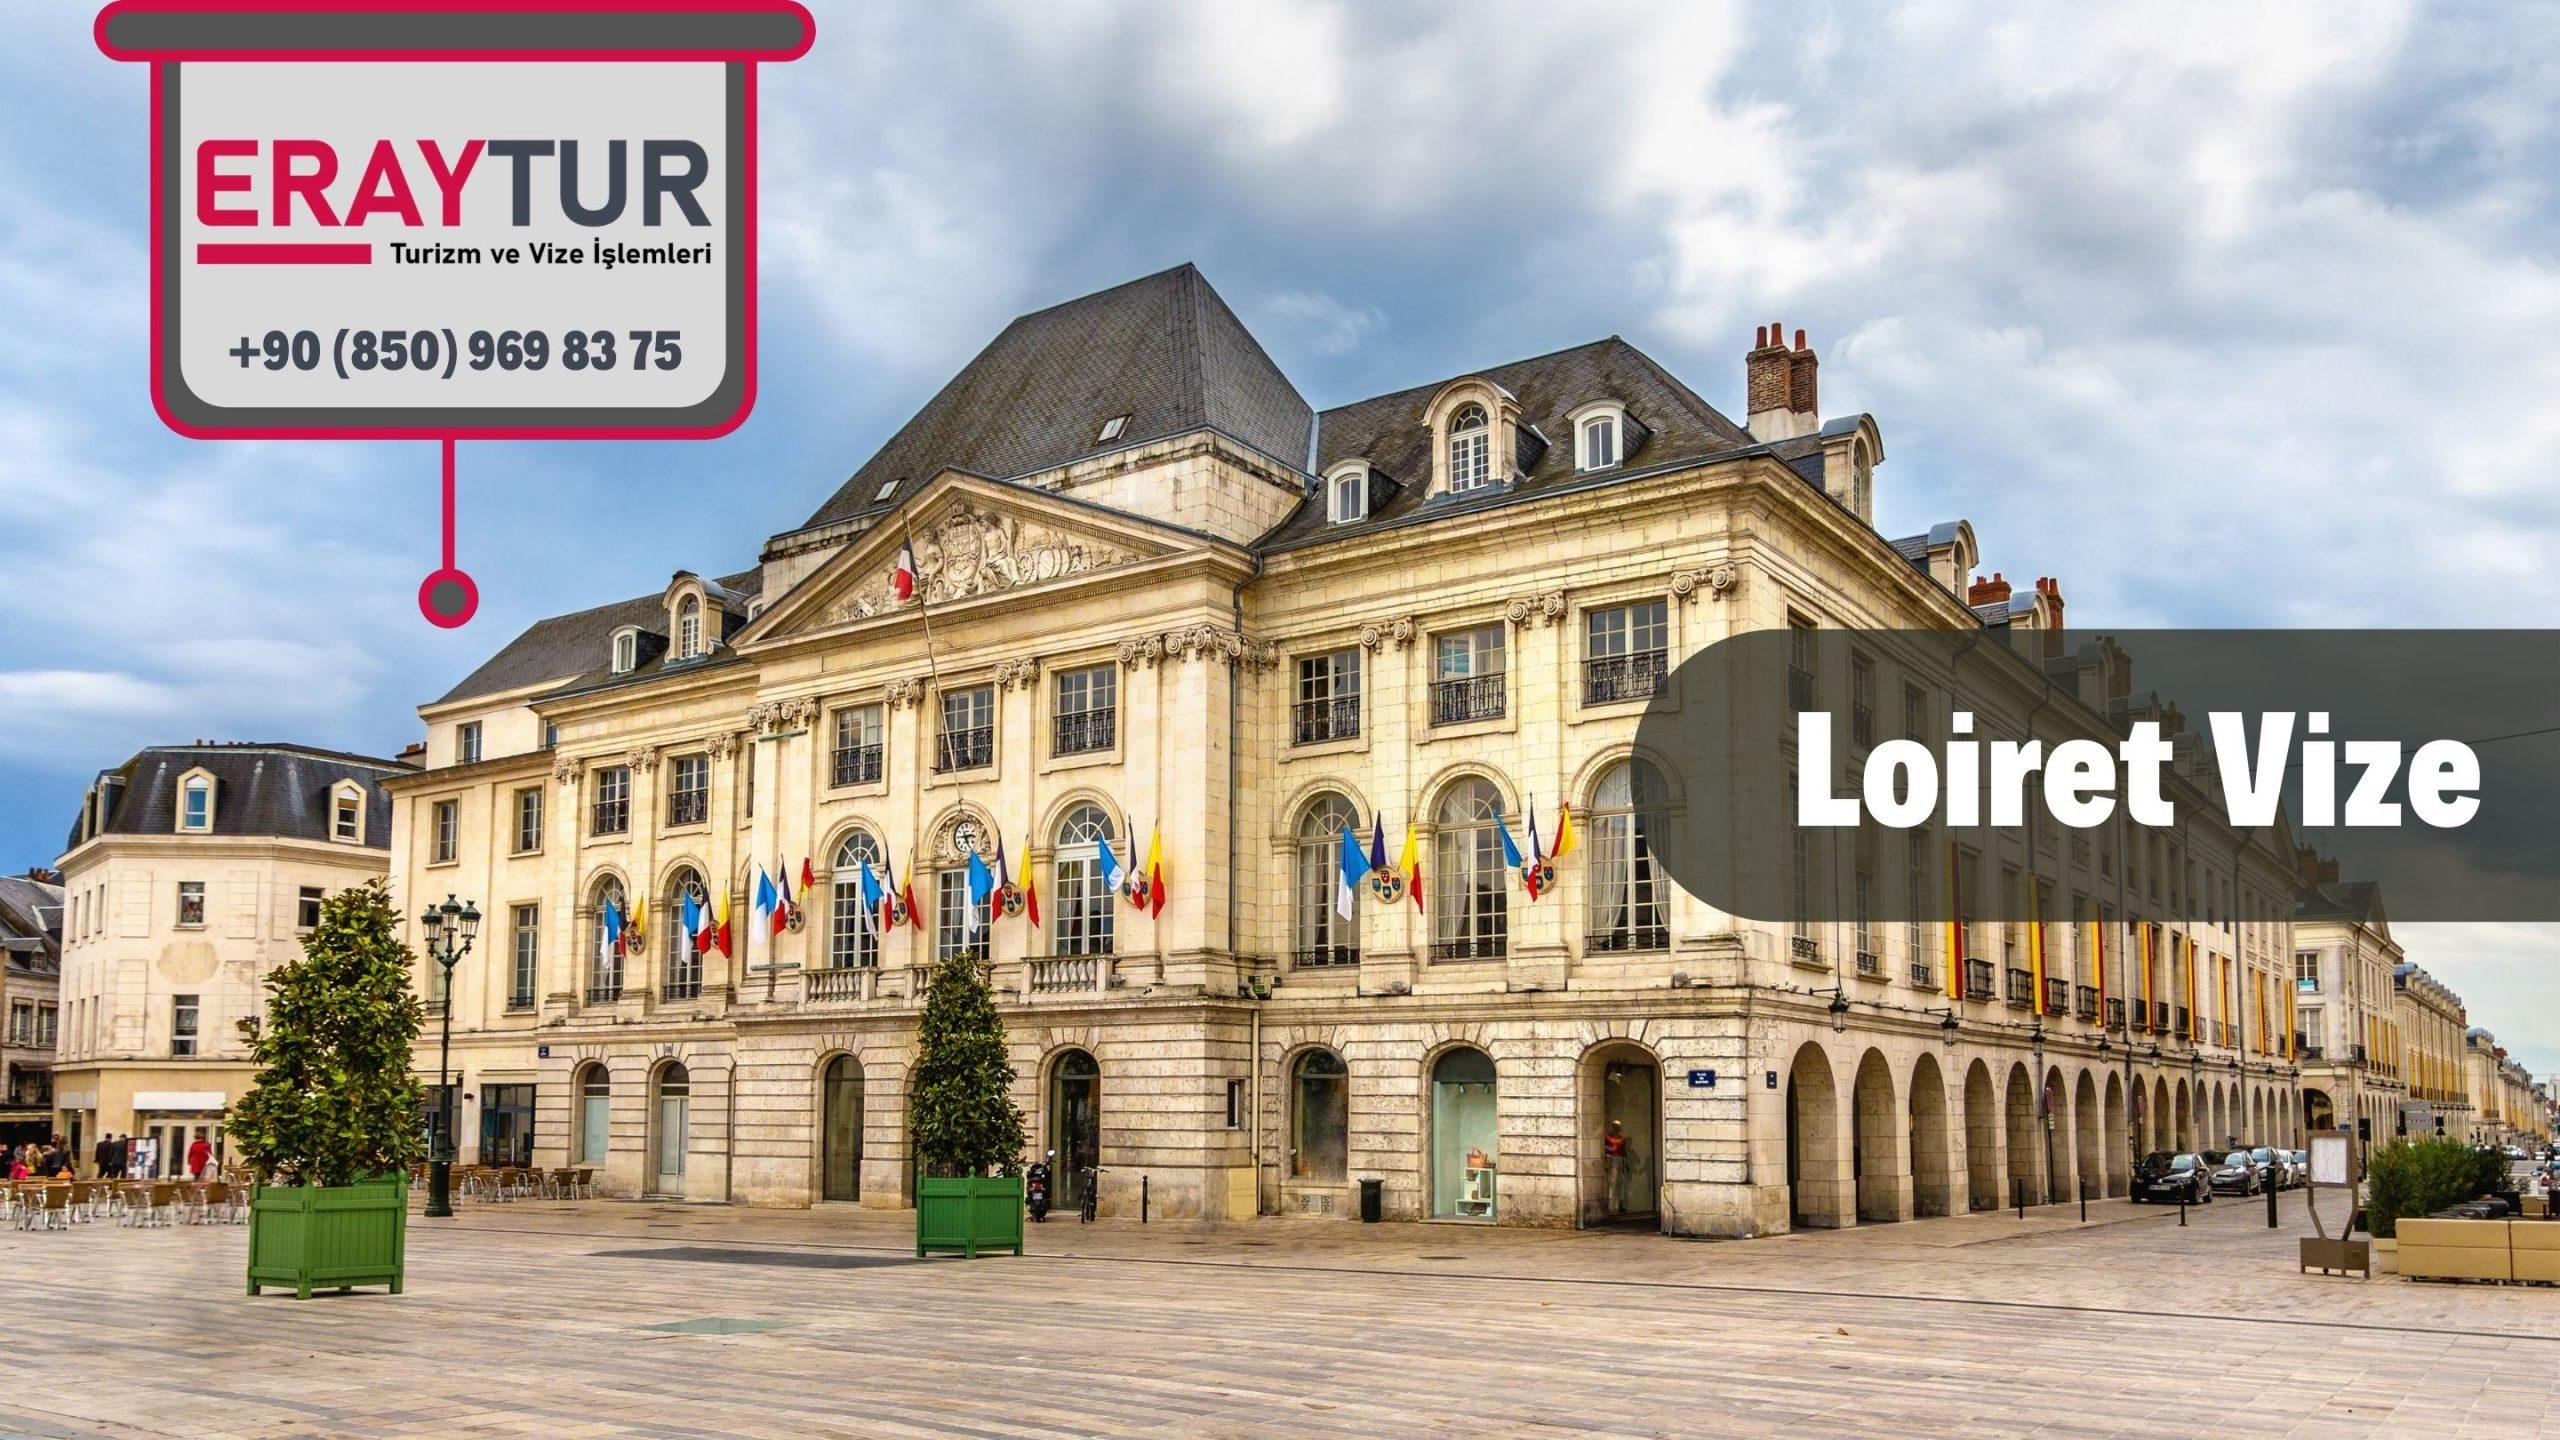 Loiret Vize 1 – loiret vize scaled